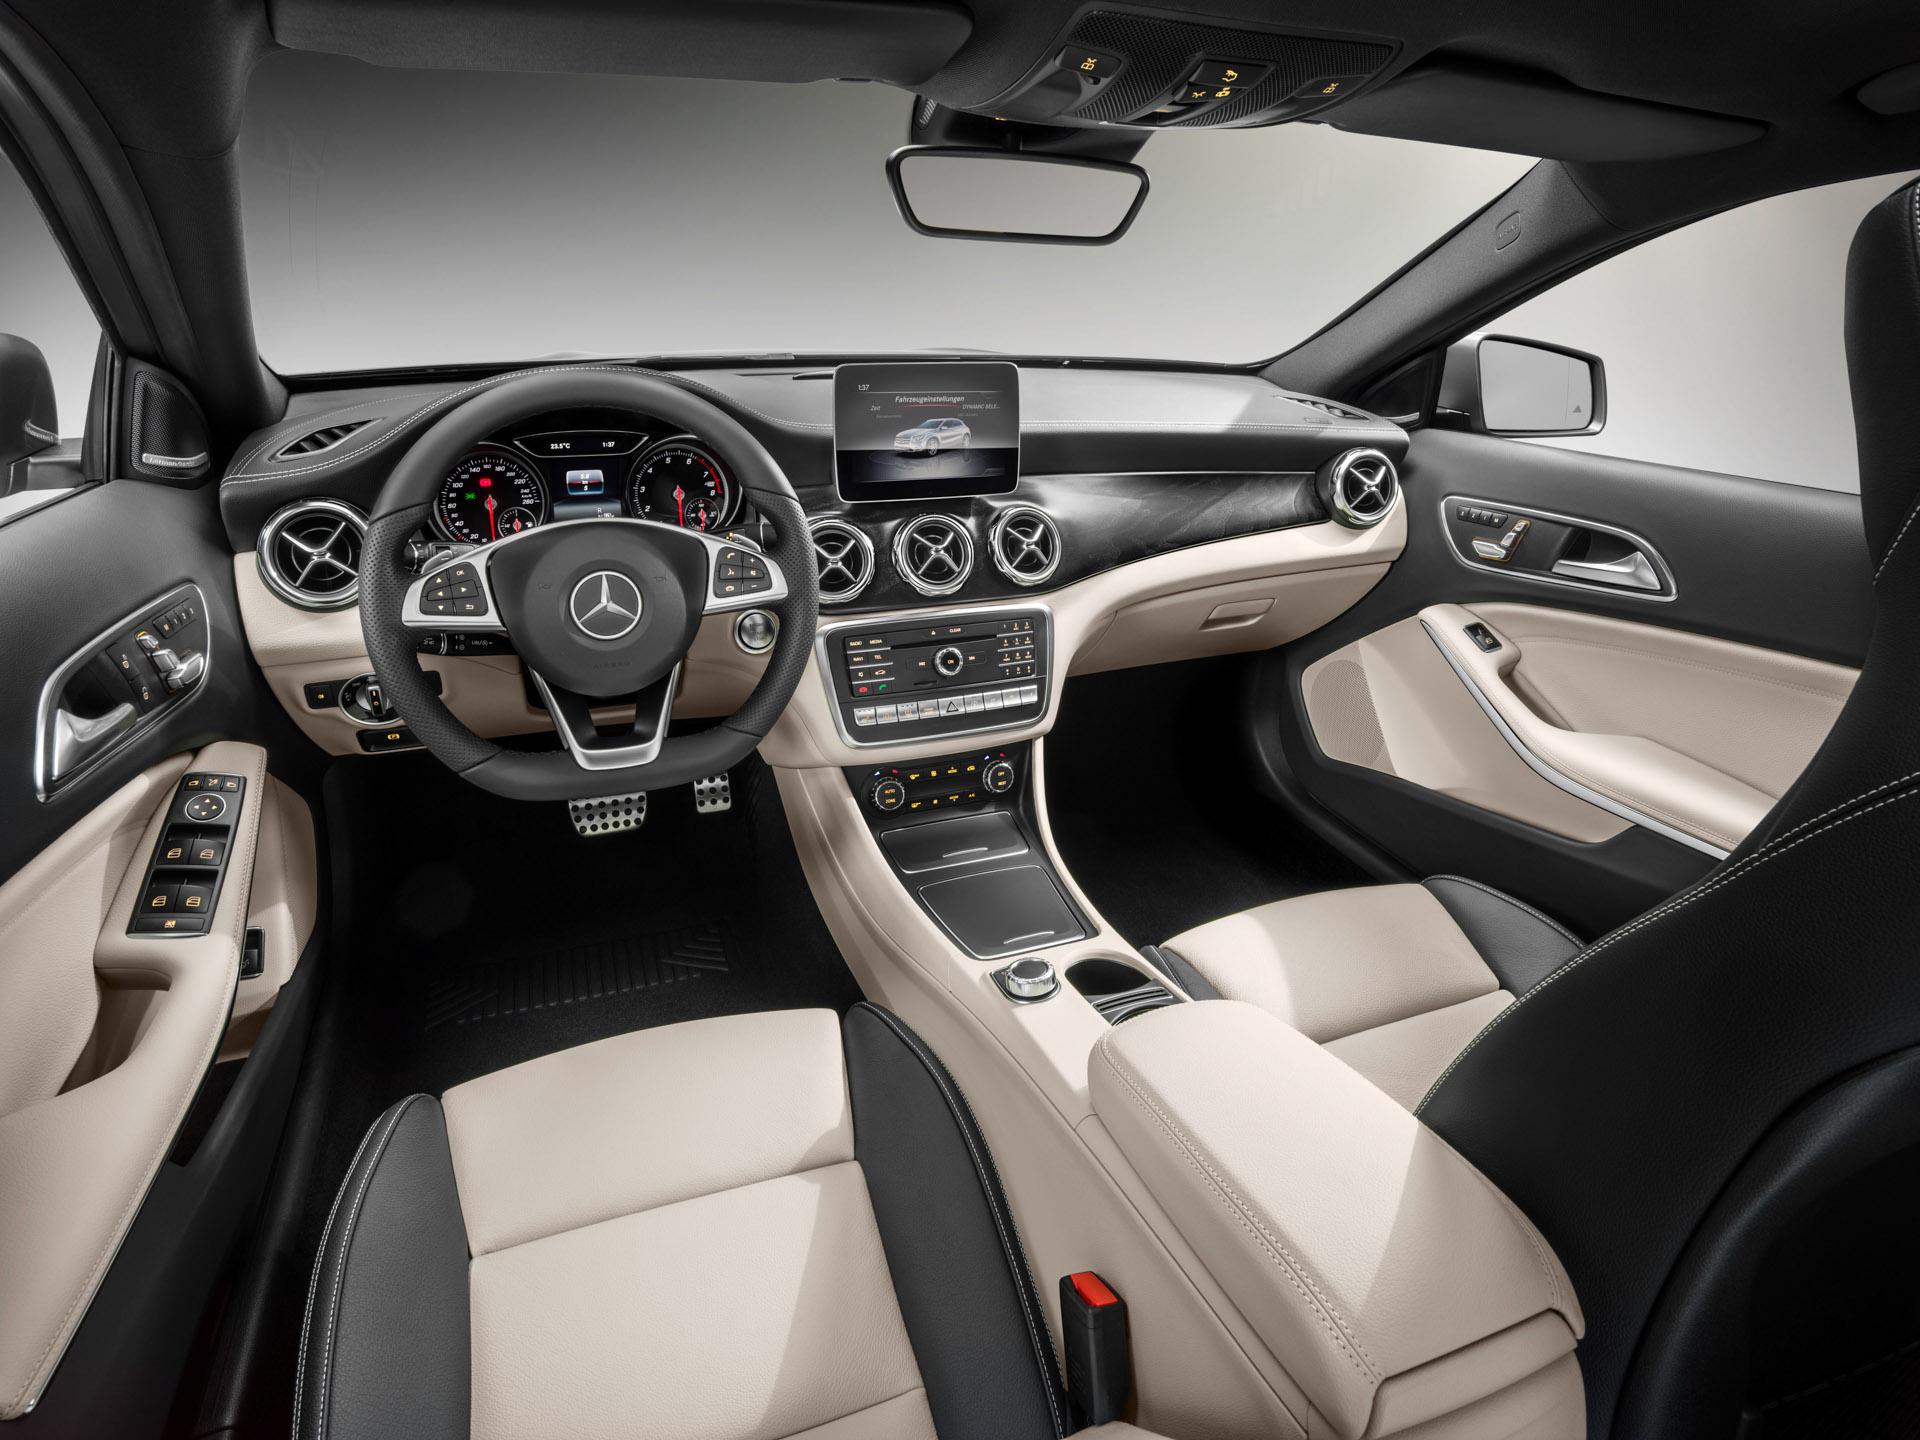 Mercedes-Benz GLA 250 4MATIC, AMG Line, Innenausstattung: Leder Schwarz/Beige, Mountaingrau magno, Studioaufnahme ;Kraftstoffverbrauch kombiniert: 6,5 l/100 km, CO2-Emissionen kombiniert: 152 g/km Mercedes-Benz GLA 250 4MATIC, AMG Line, mountain grey magno, Interior: leather black/beige, studio shot; Fuel consumption combined:  6.5 l/100 km; Combined CO2 emissions: 152 g/km